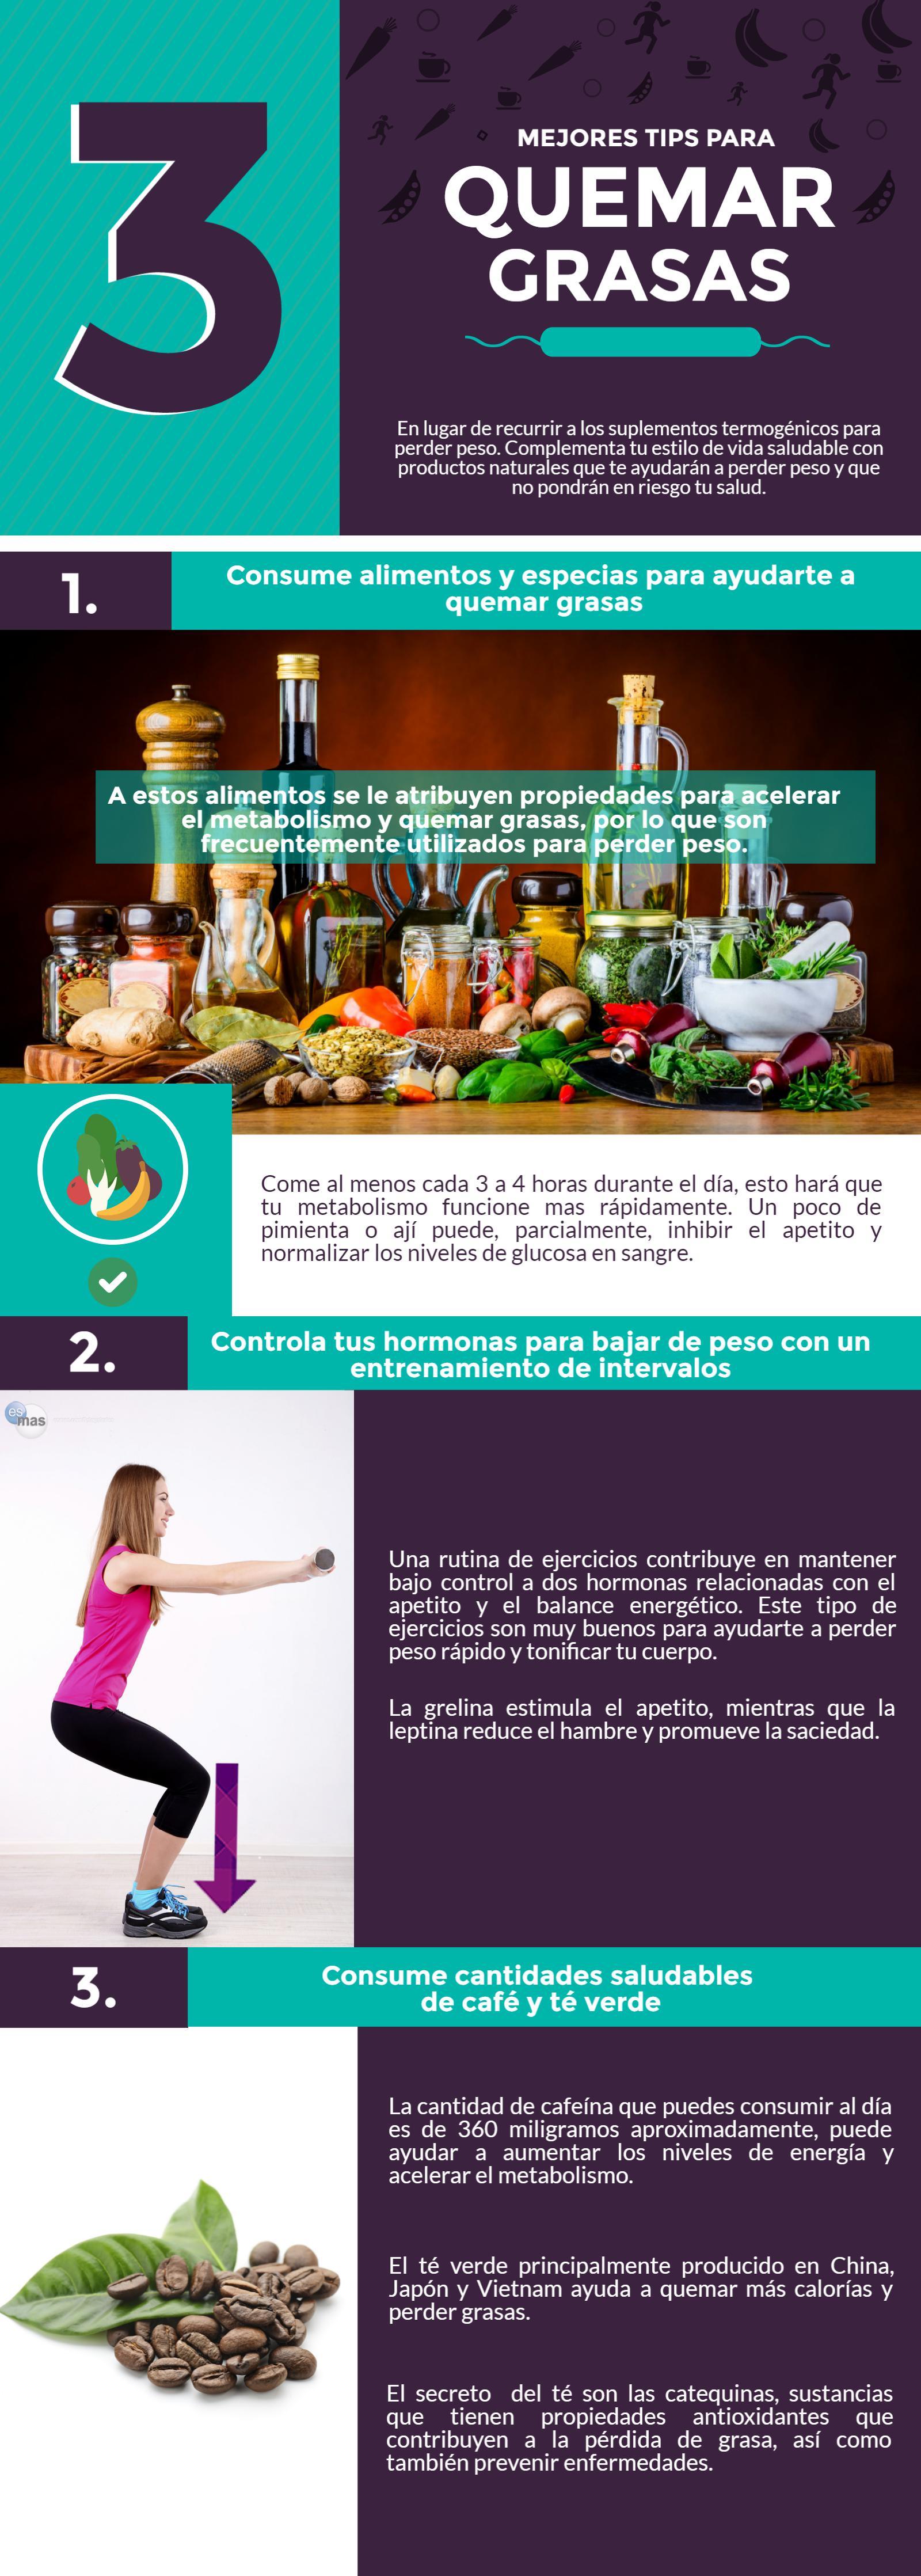 Posible adelgazar dieta para bajar de peso en una semana para mujeres ello, sigue consumiendo